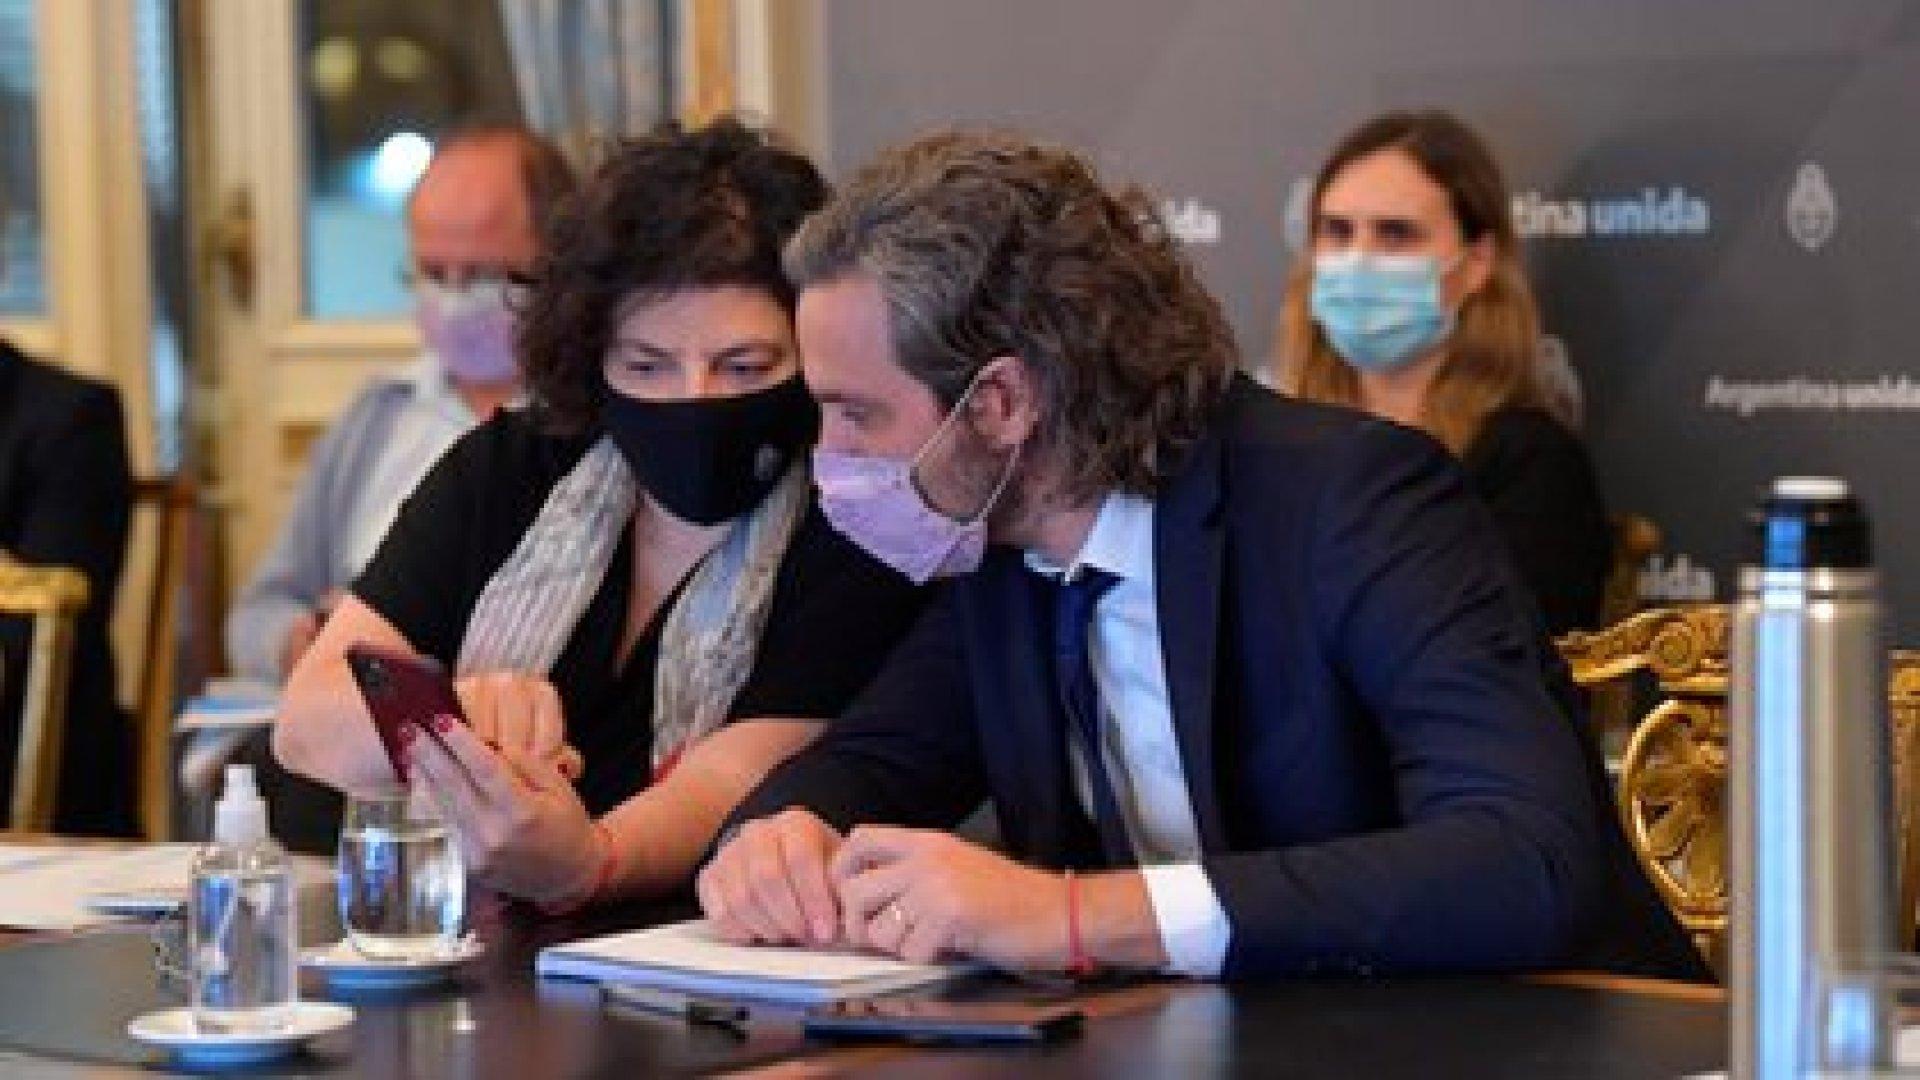 El jefe de Gabinete, Santiago Cafiero, junto a la ministra de Salud, Carla Vizzotti, durante la reunión de este lunes